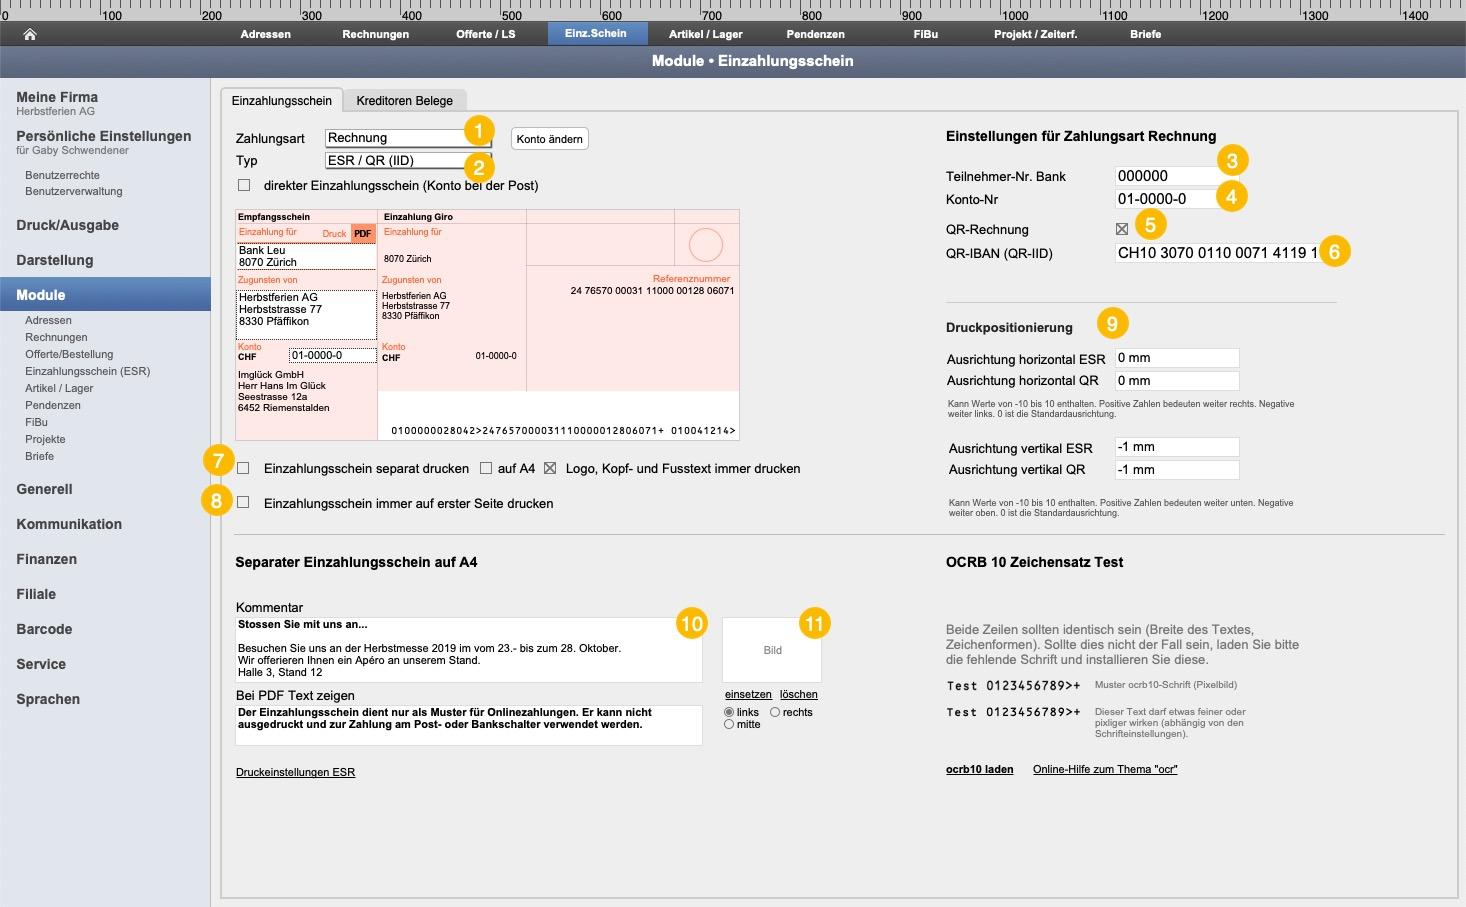 QR-Rechnung FlexBüro